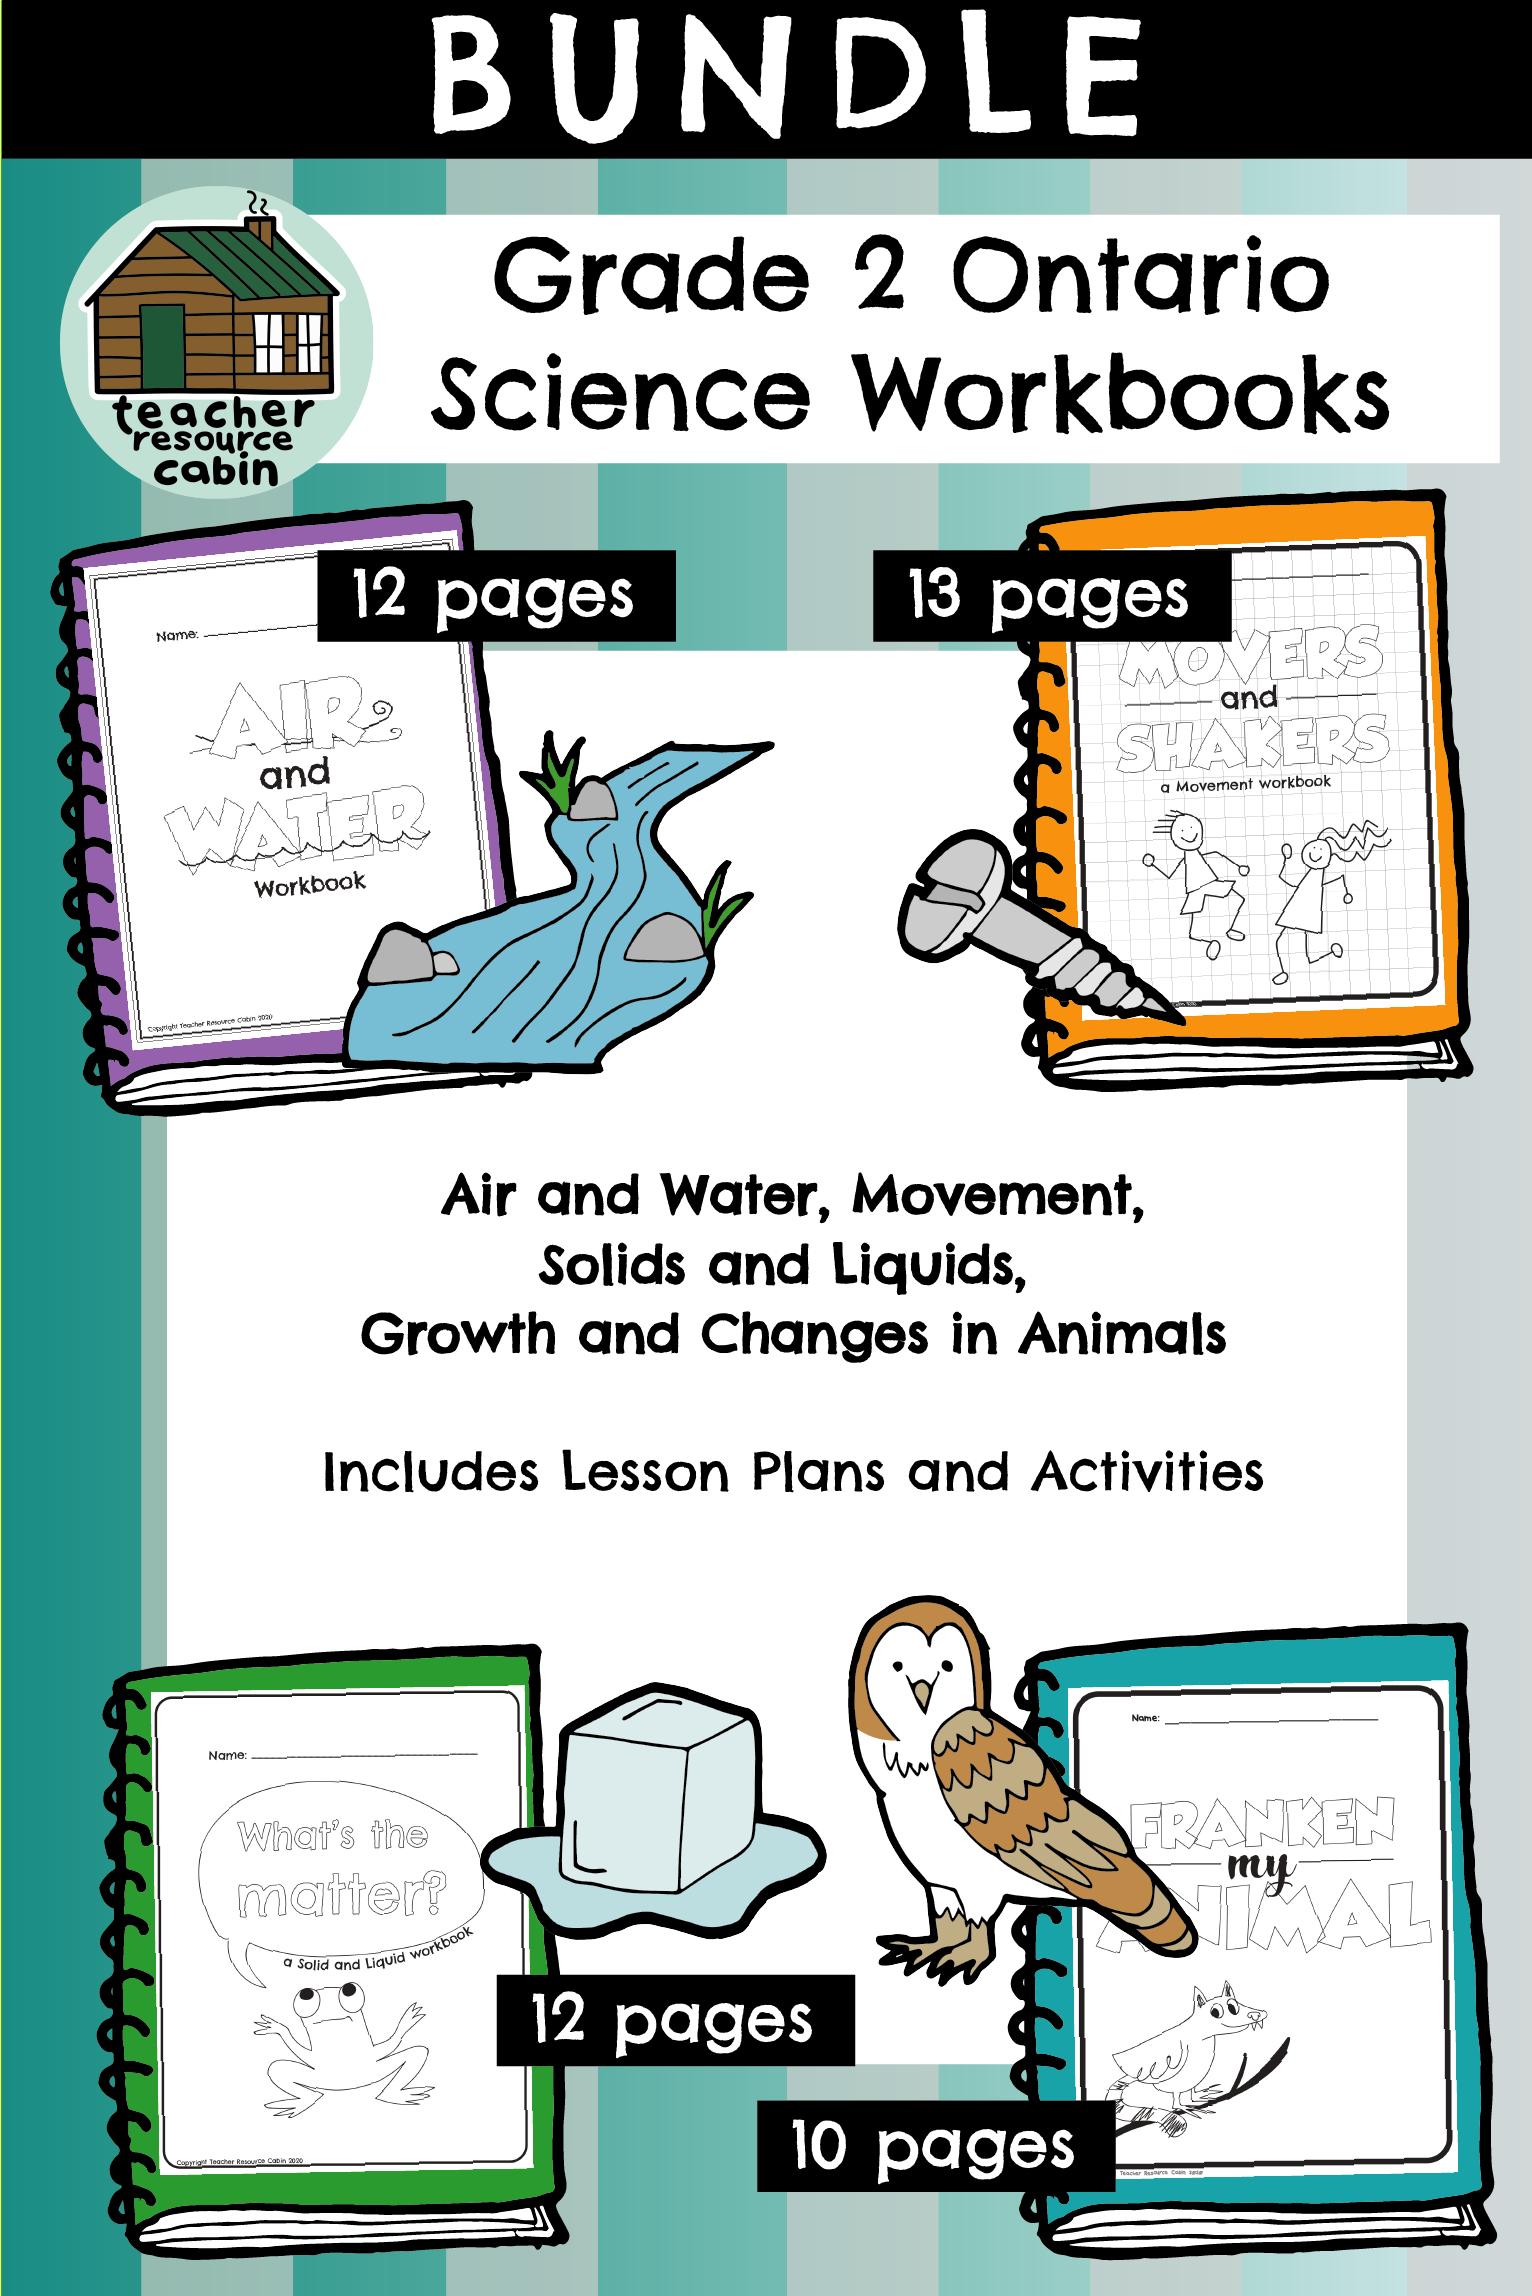 Ontario Science Workbooks [Grade 2]